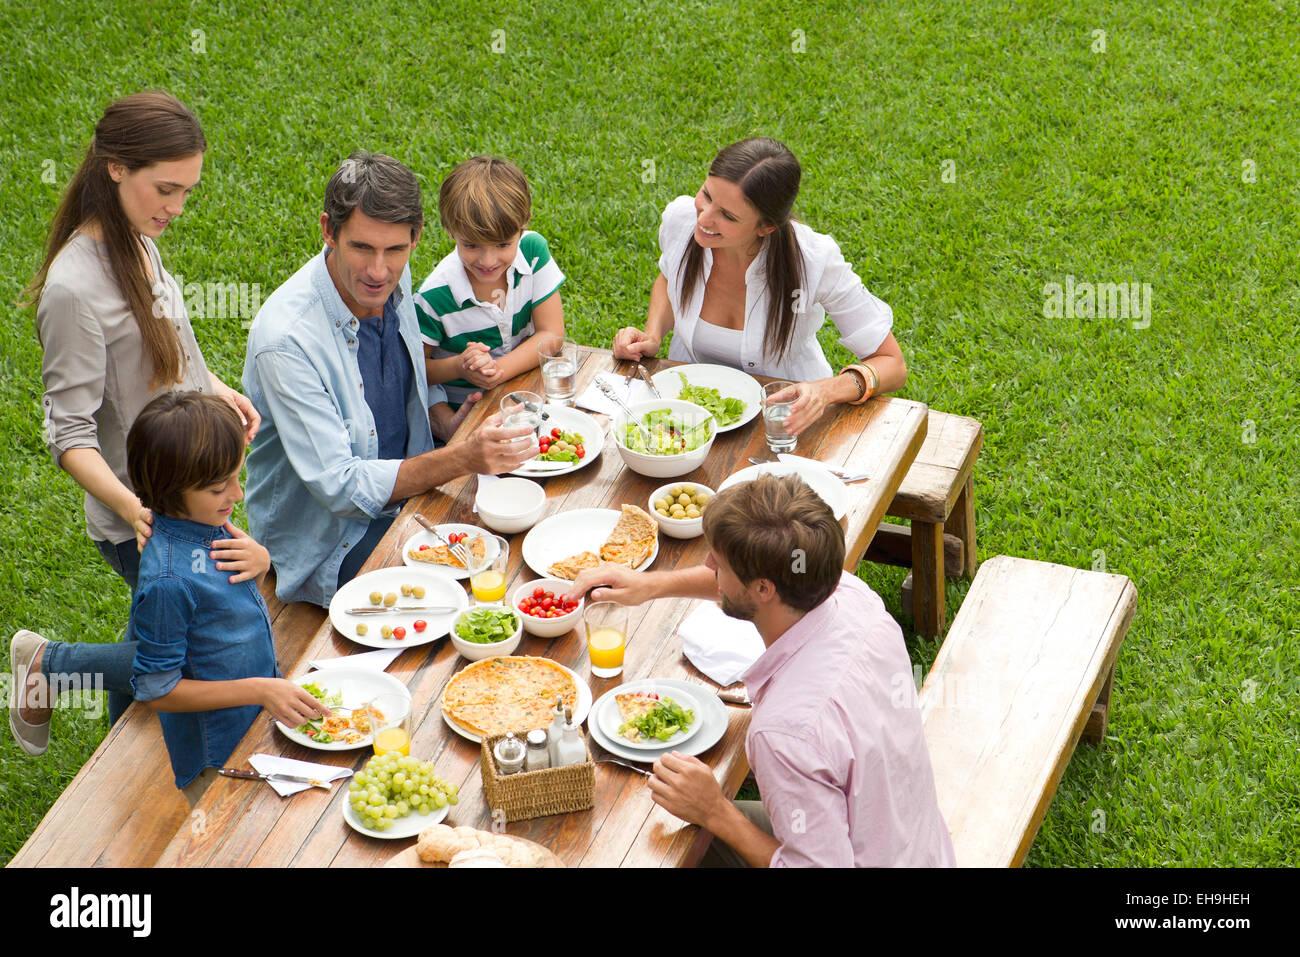 Famille et amis se rassemblent pour pique-nique Photo Stock